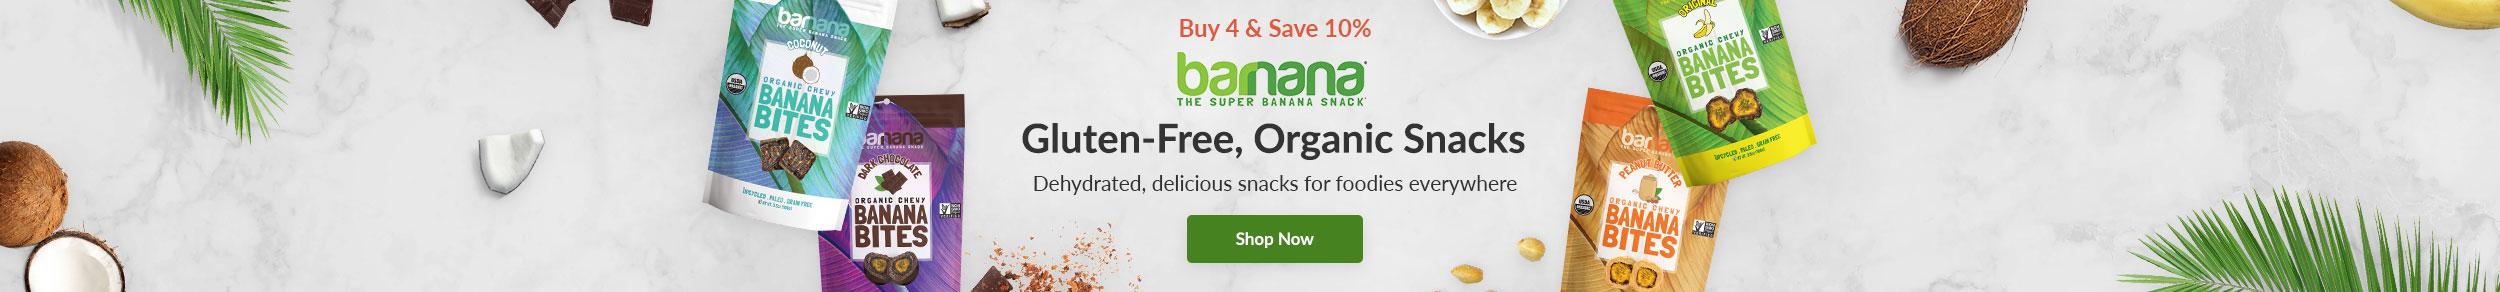 https://i3.pureformulas.net/images/static/Barnana-Gluten-Free-Snacks_011419.jpg